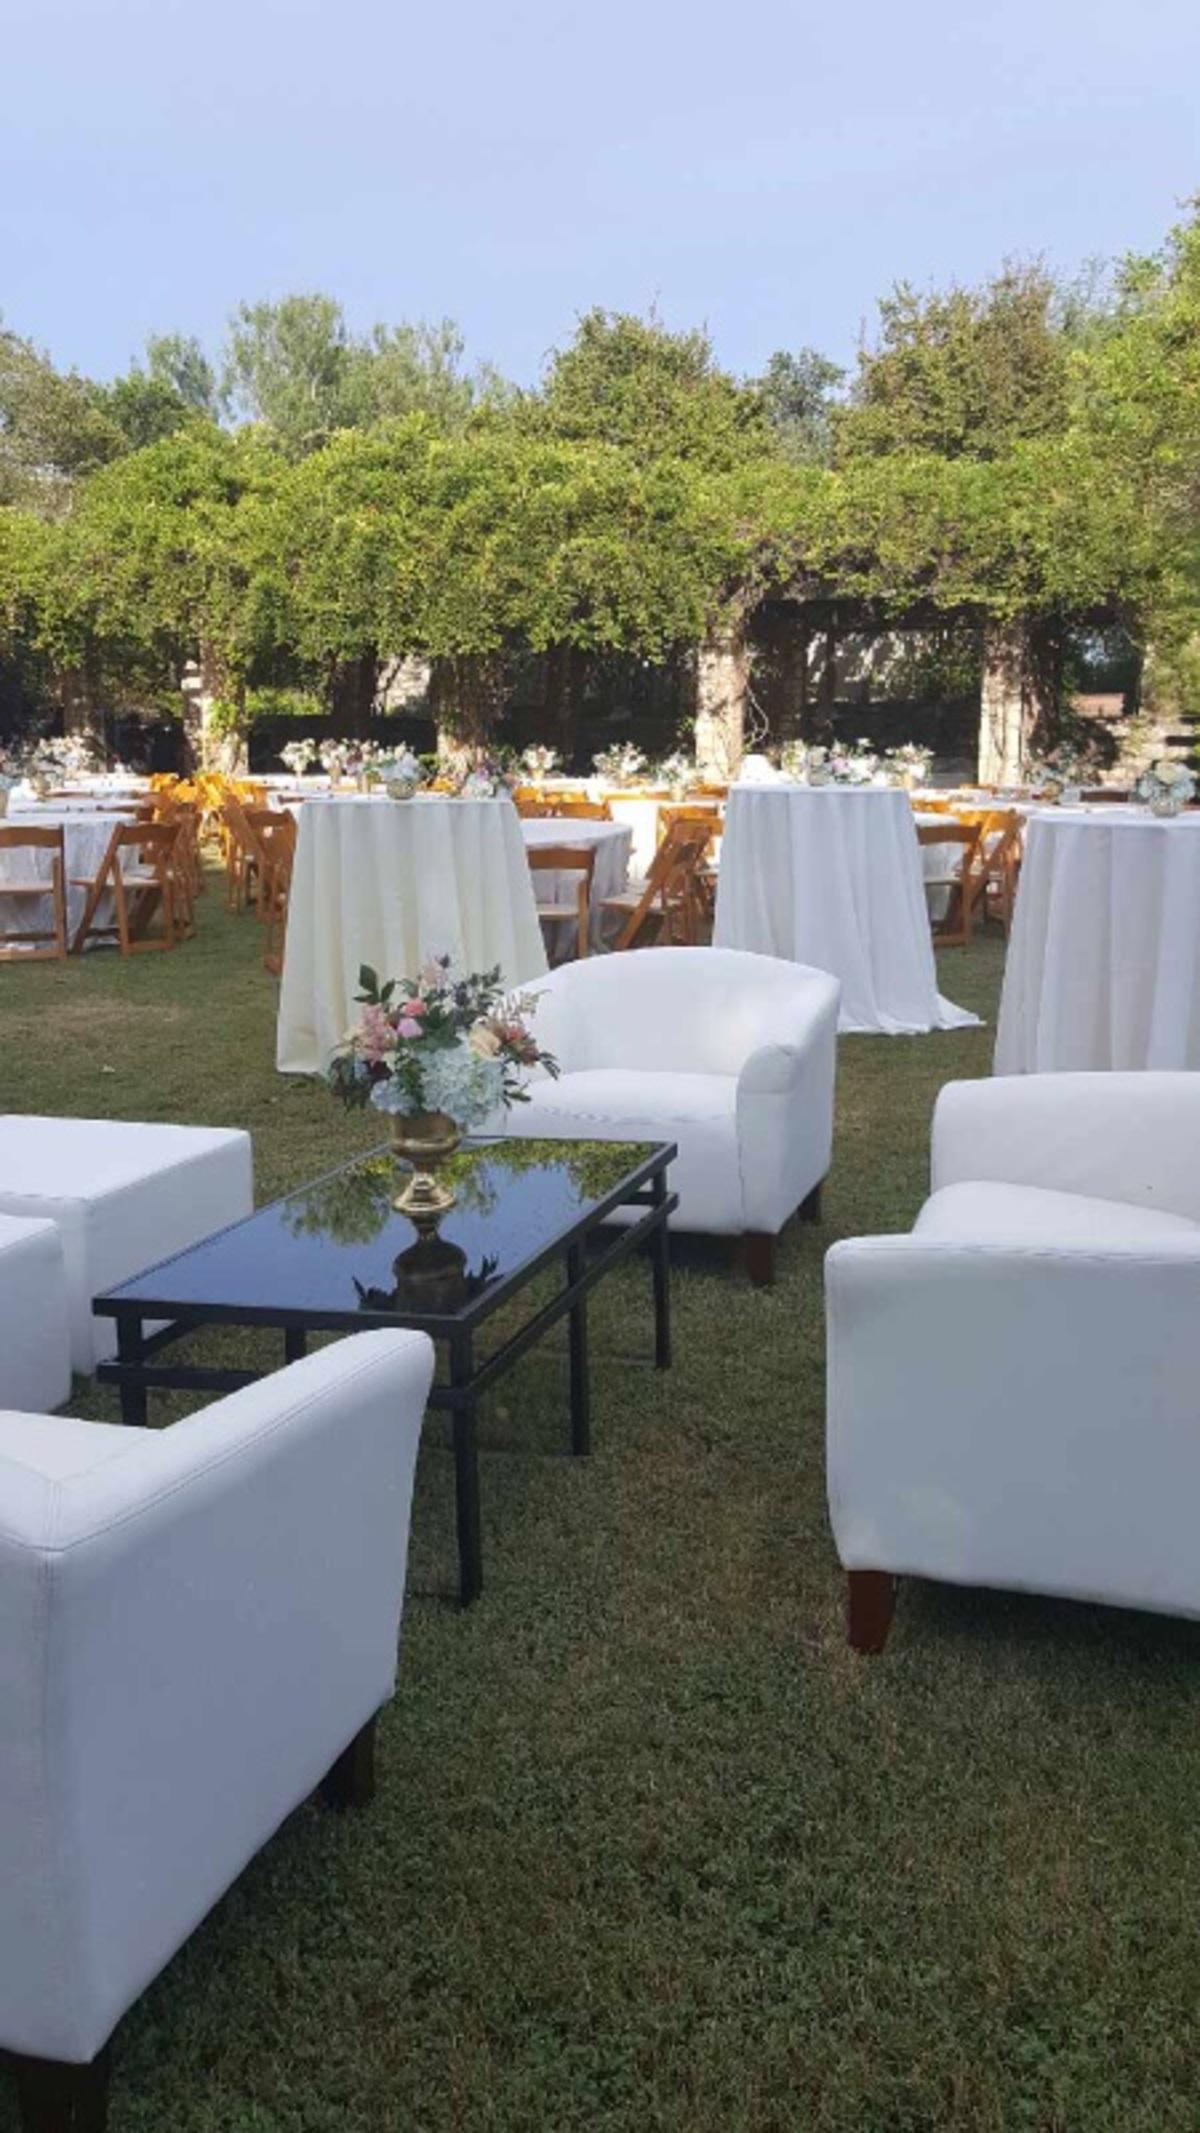 Outdoor rental furniture